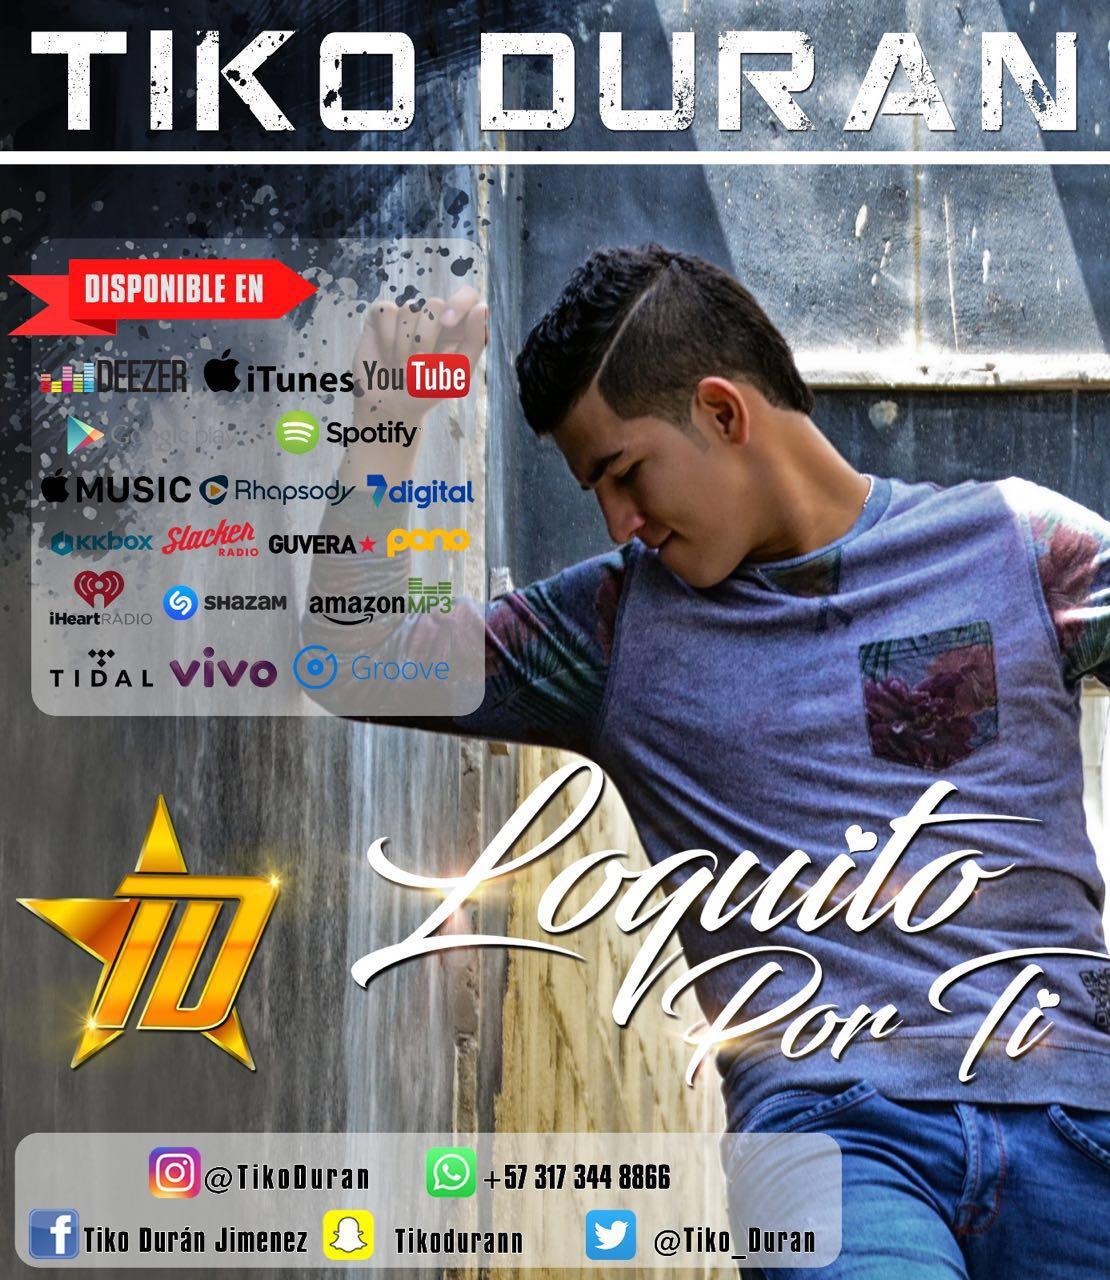 'Loquito por ti' así se titula lo nuevo del cantante Tiko Durán